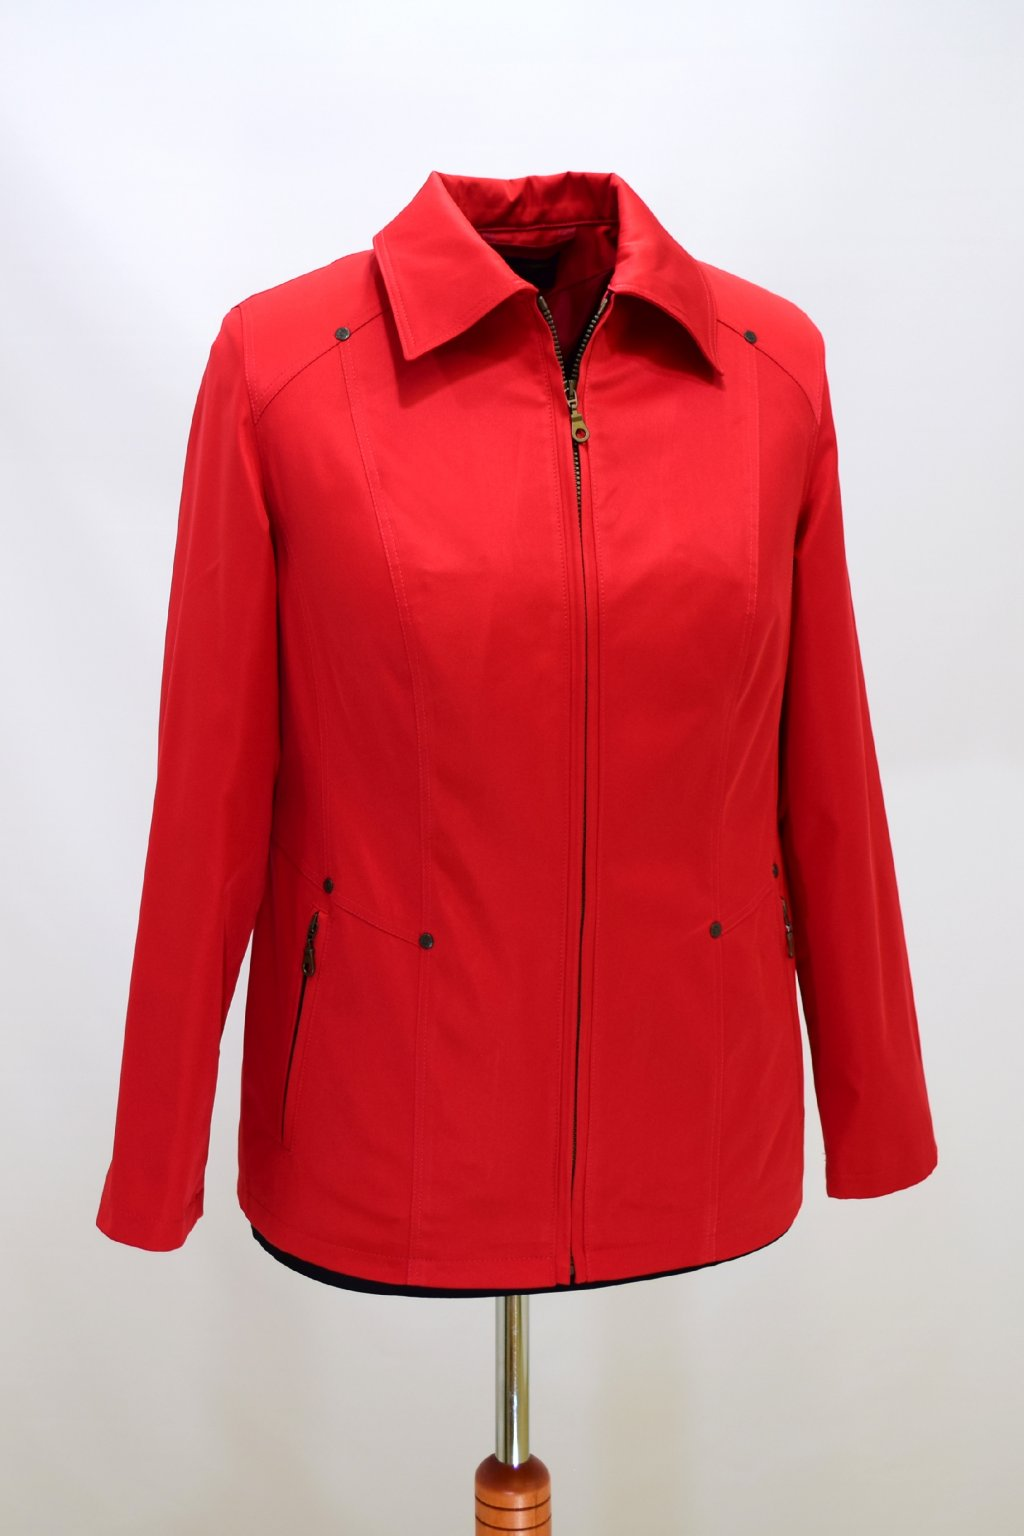 Dámská červená jarní bunda Hana nadměrné velikosti.